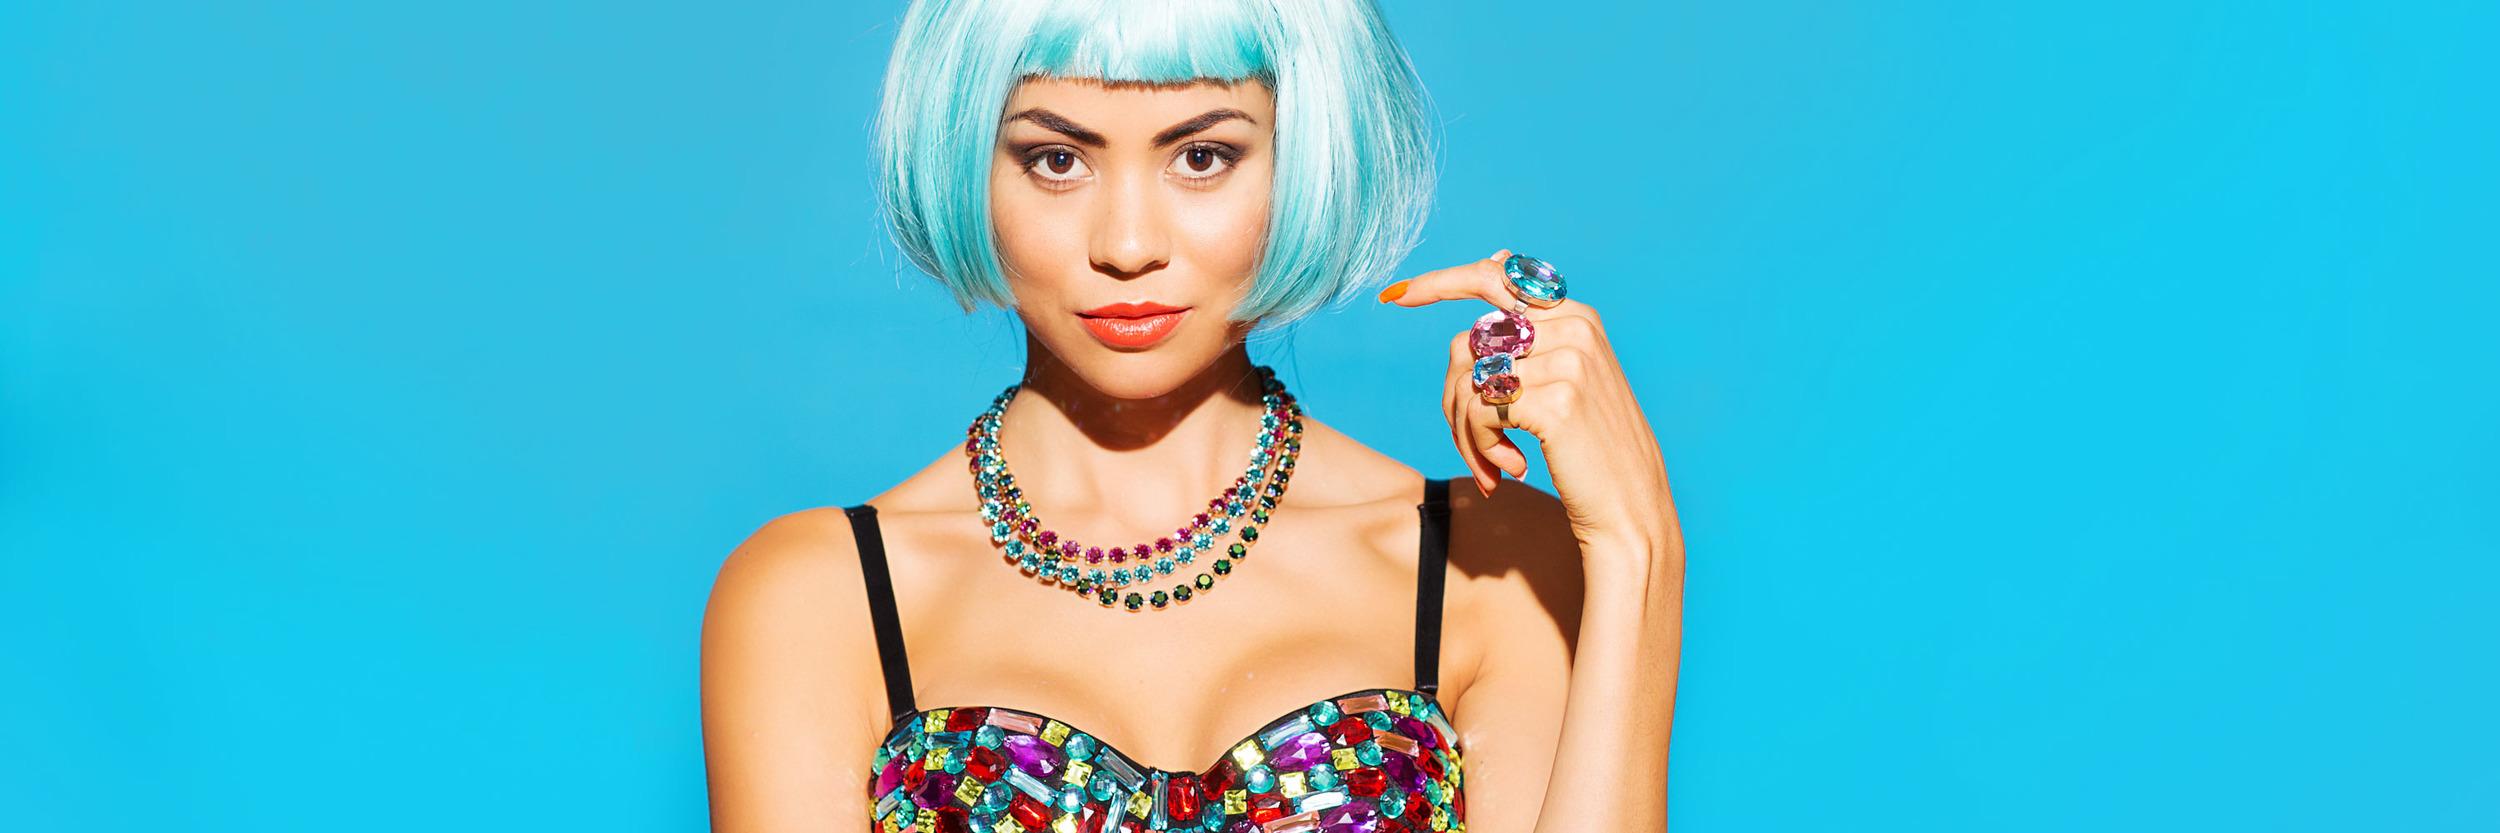 irock-jewellery-photoshoot